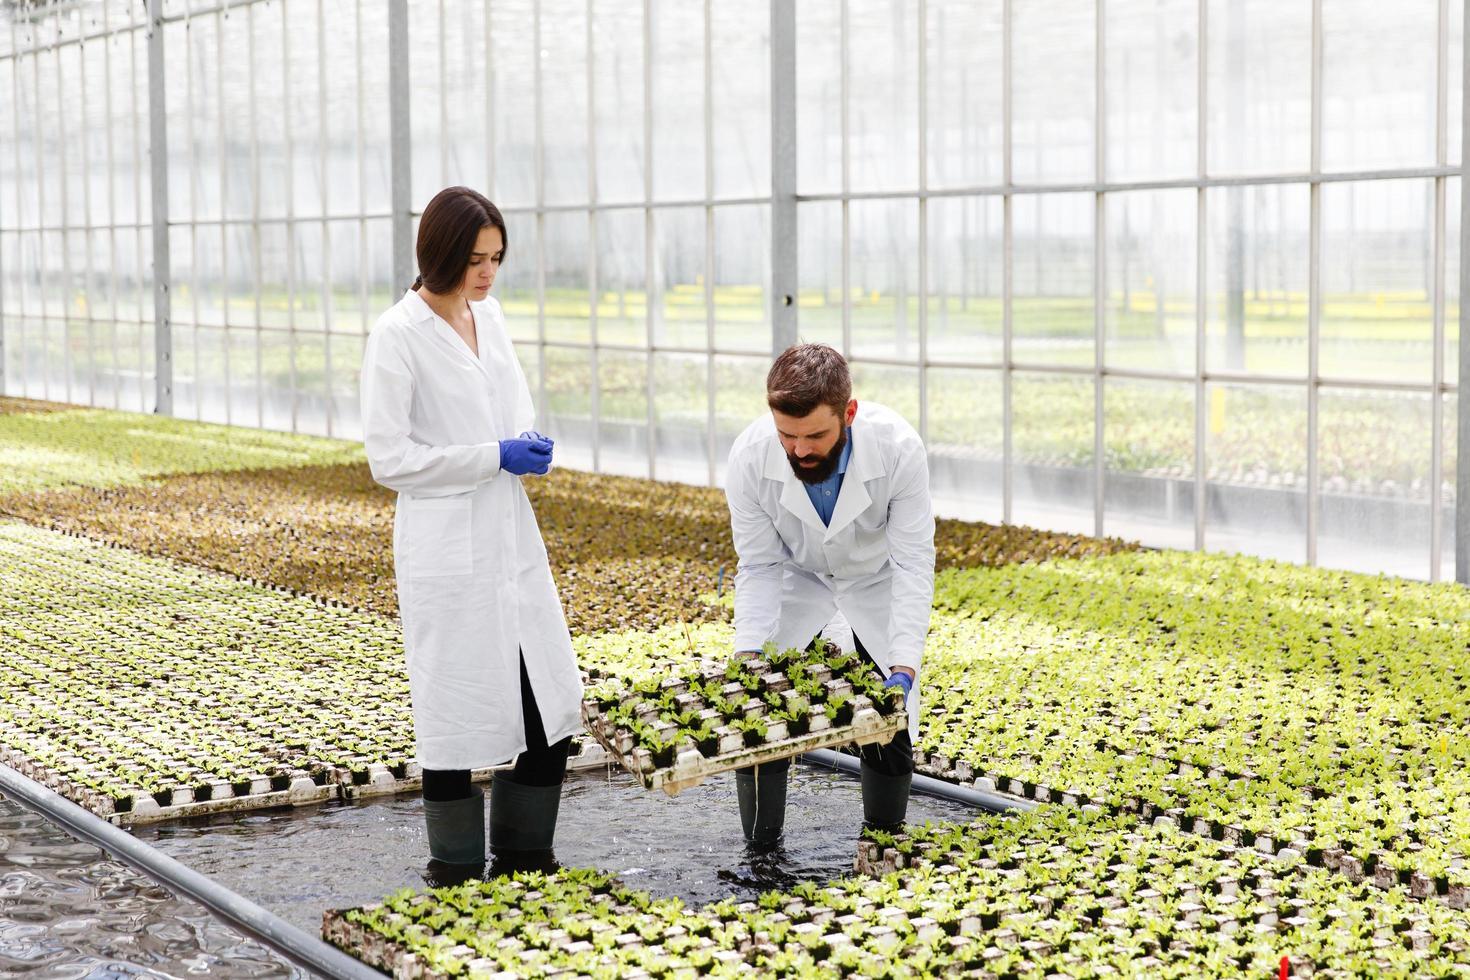 twee wetenschappers in de kas foto